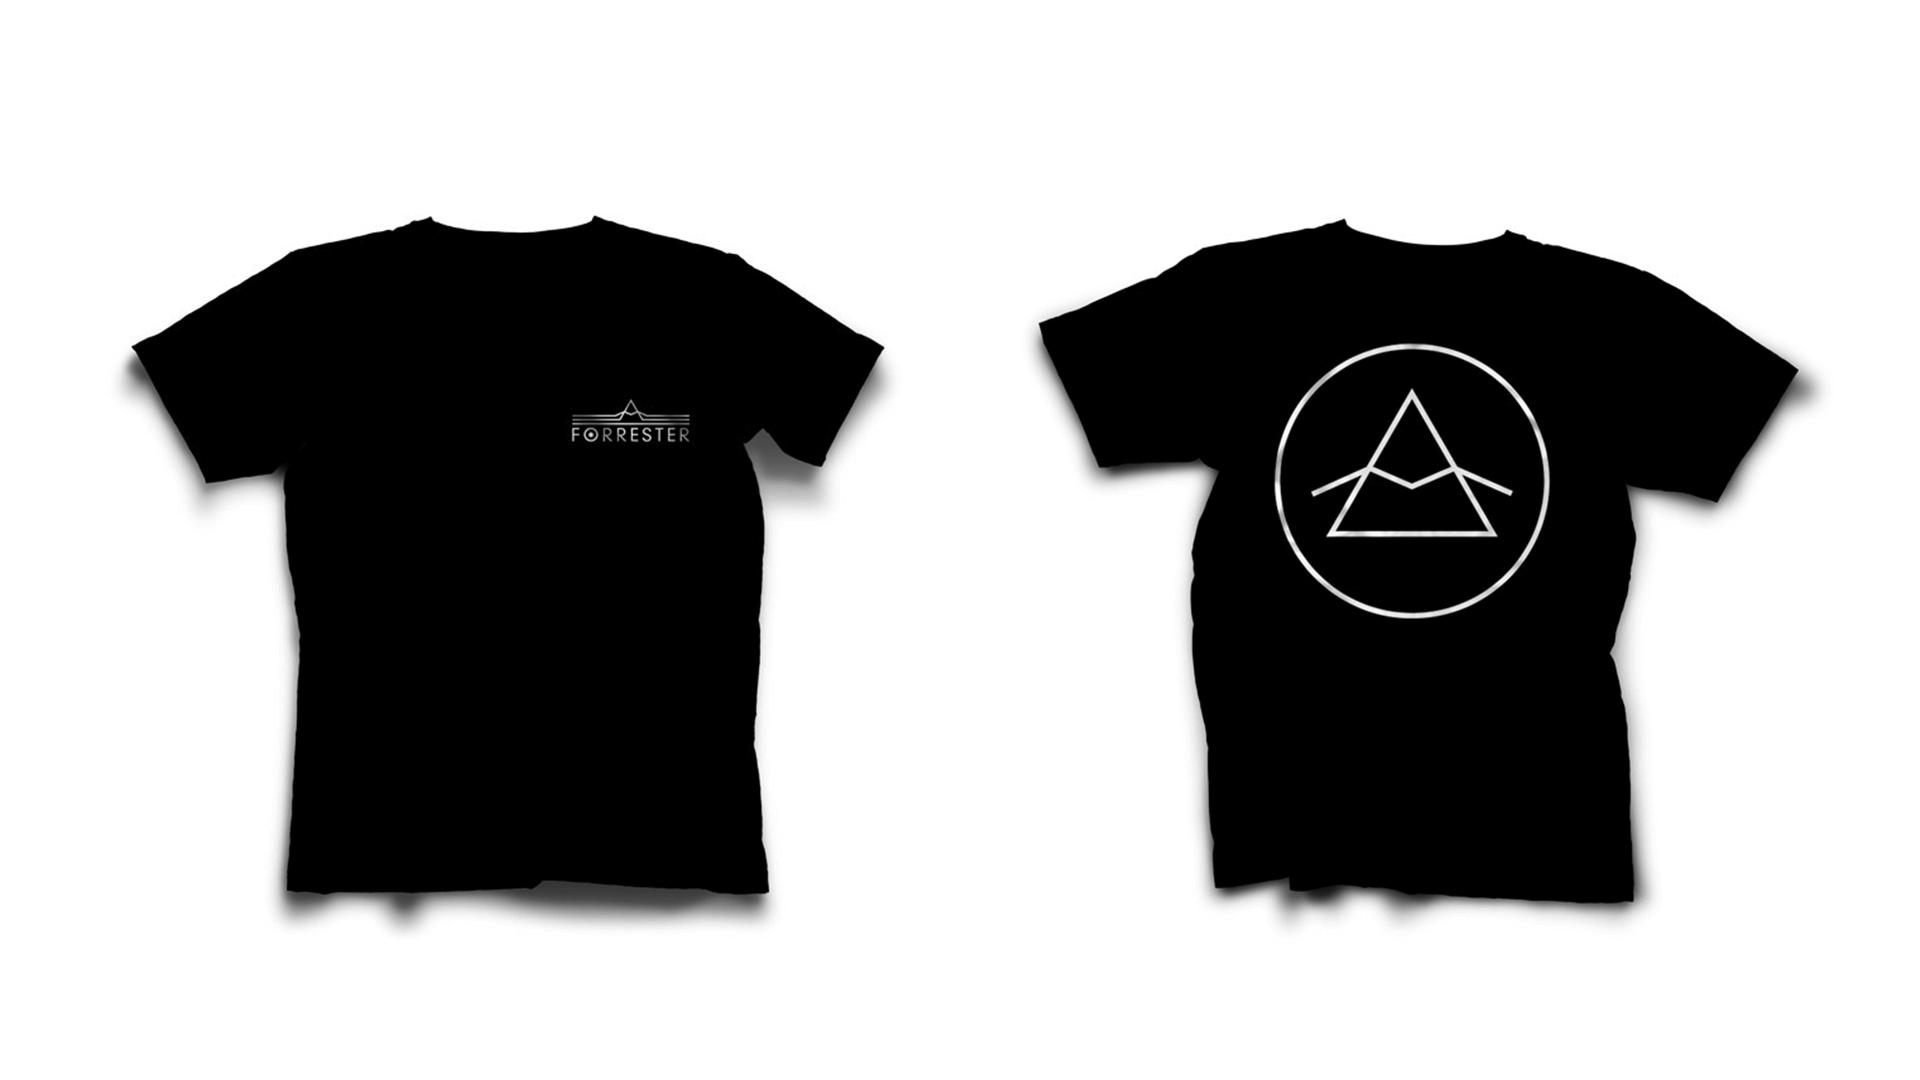 forrester-shirt1